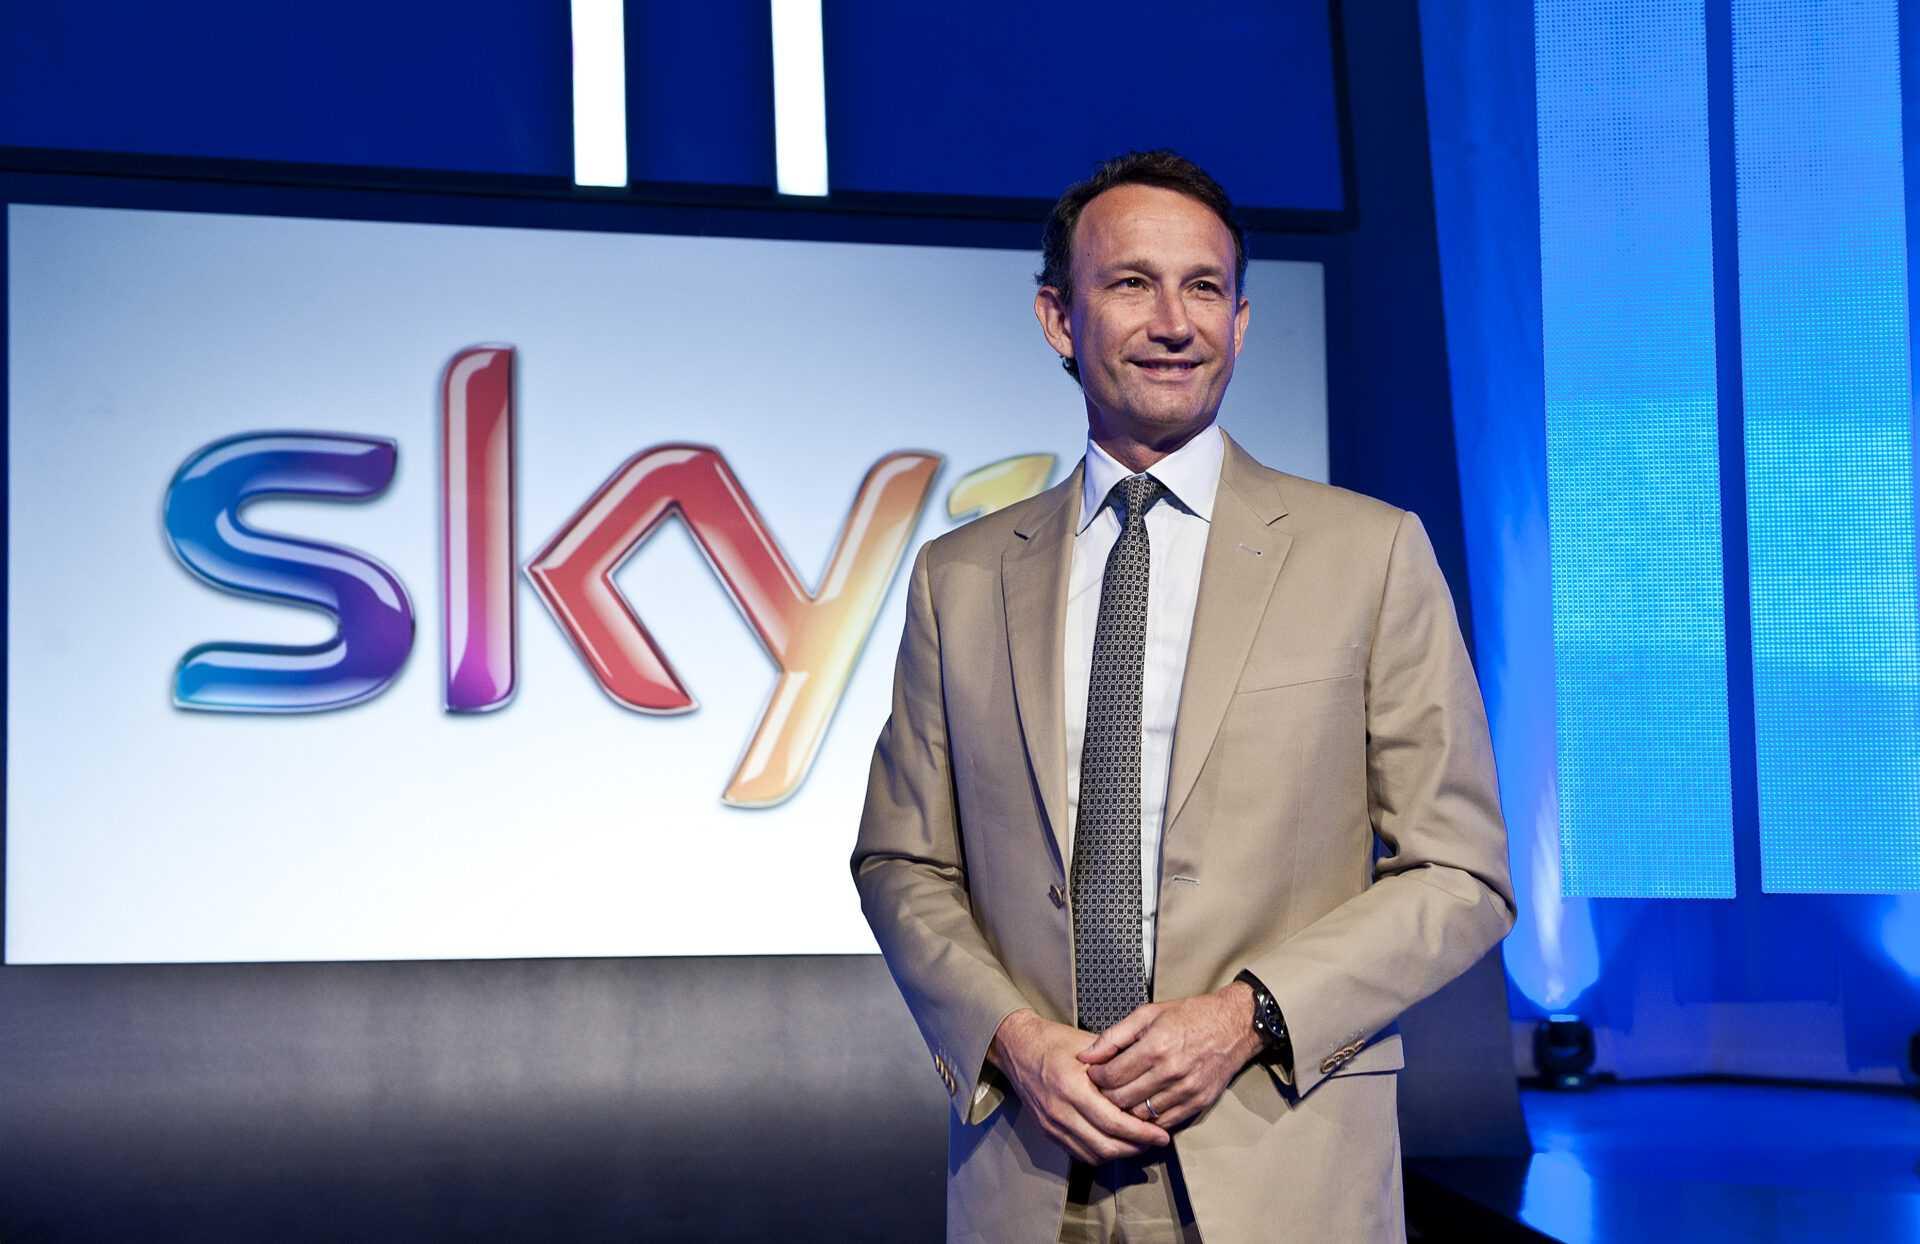 Sky festeggia 10 anni con grani novità Sky Tg24 HD e Classica gratis per tutti gli abbonati   Digitale terrestre: Dtti.it